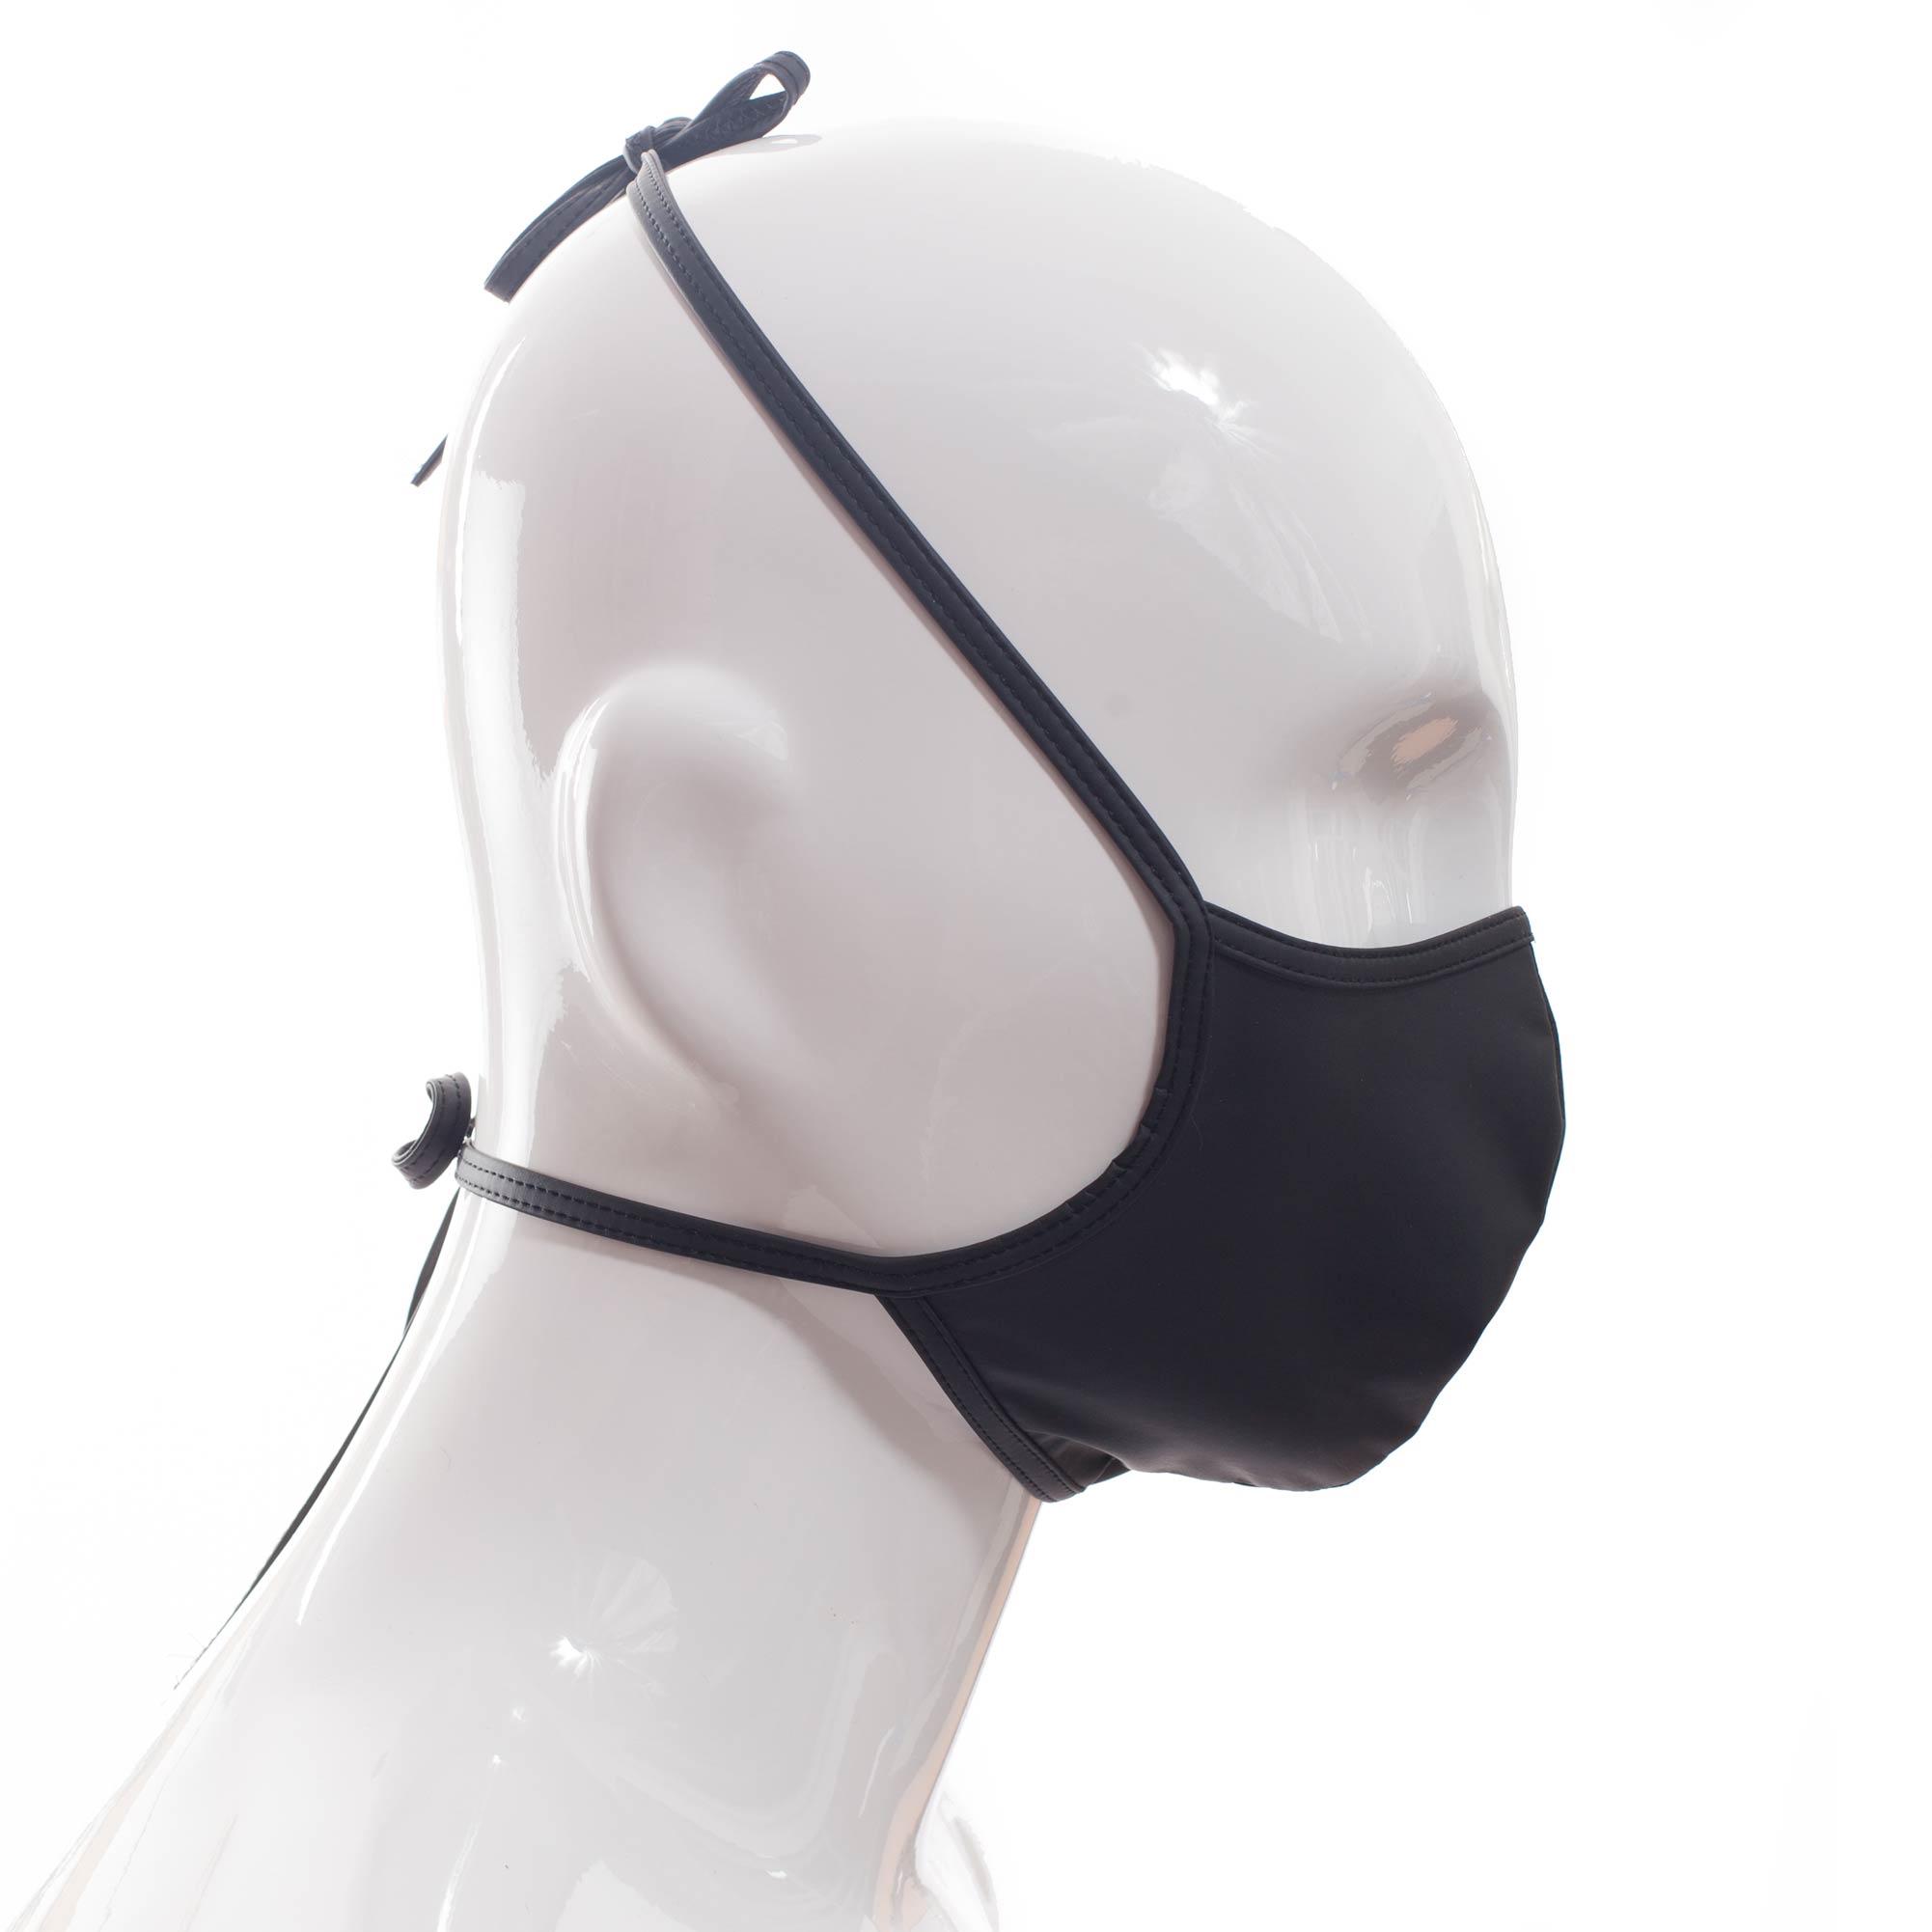 Die Synlex Mund-Nasen Maske 331M4S von der Wonneberger Manufaktur ist eine textile Behelfsmaske, kein zertifizierter Mundschutz.  Sie schützt nur bedingt vor Ansteckung. Ihr eigentlicher Zweck ist es, den Atem des Trägers zu filtern und dadurch seine Umgebung zu schützen.  Daher muss die…